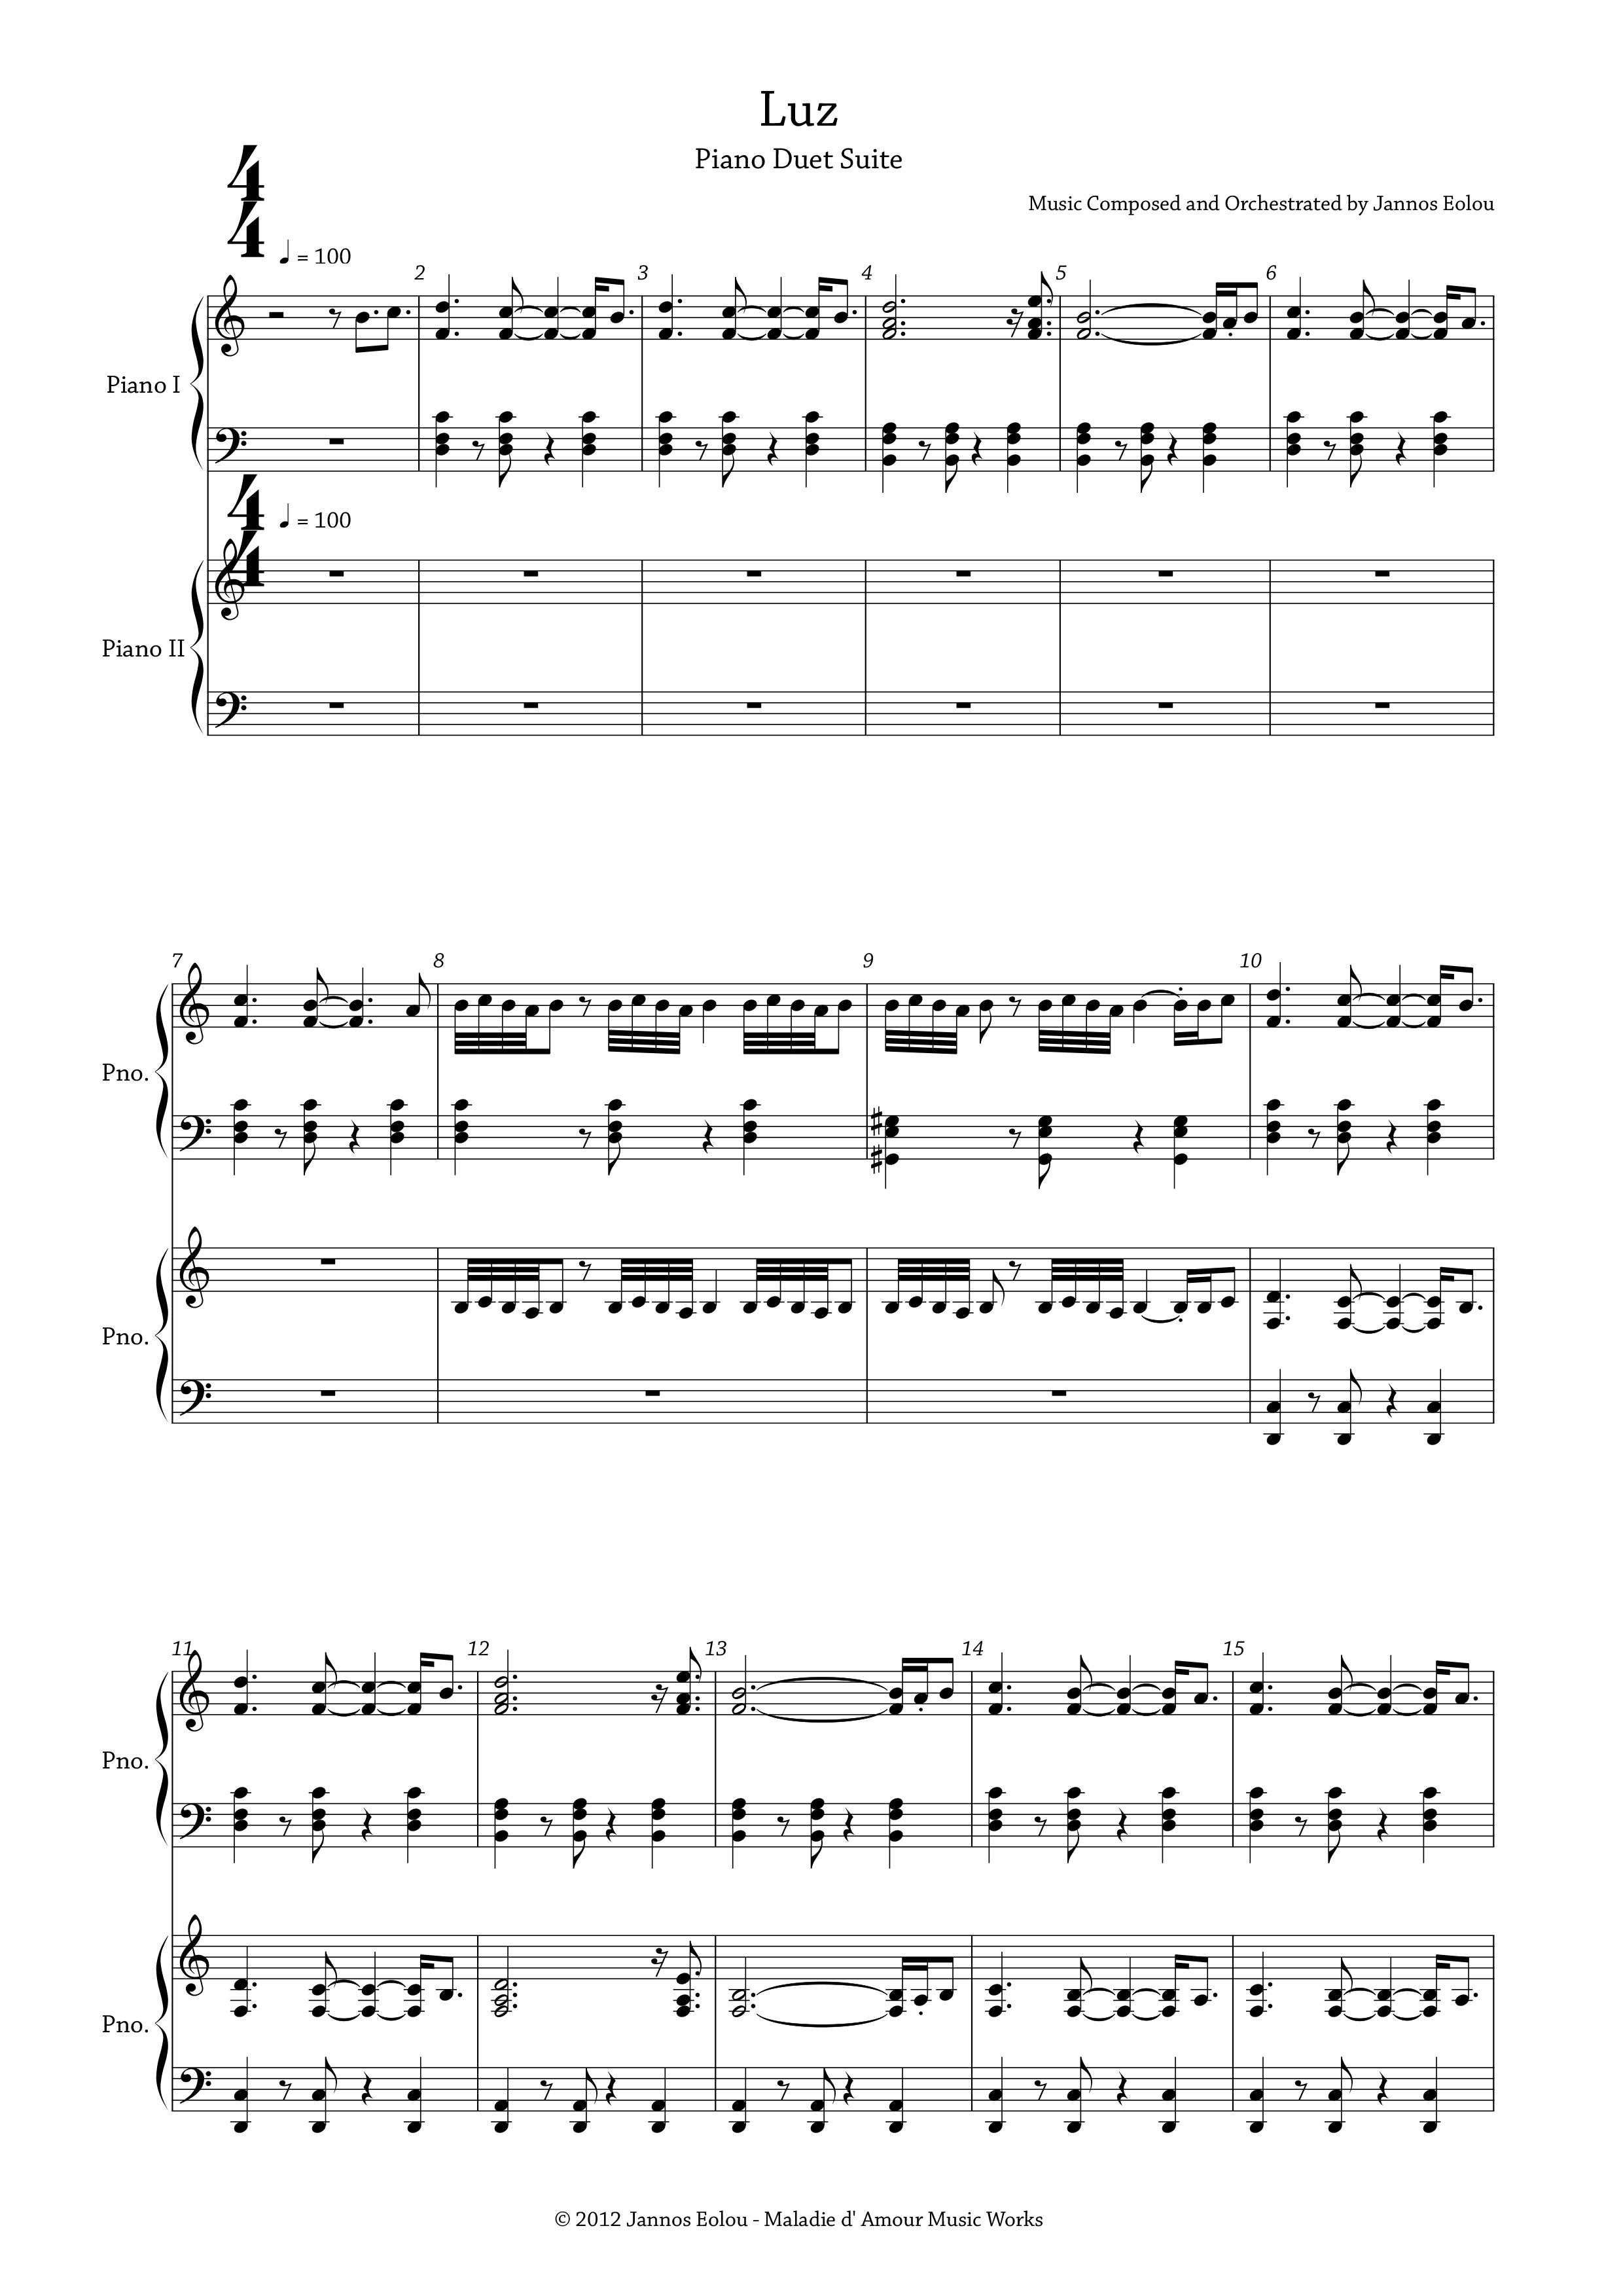 LUZ PIANO SUITE_cover